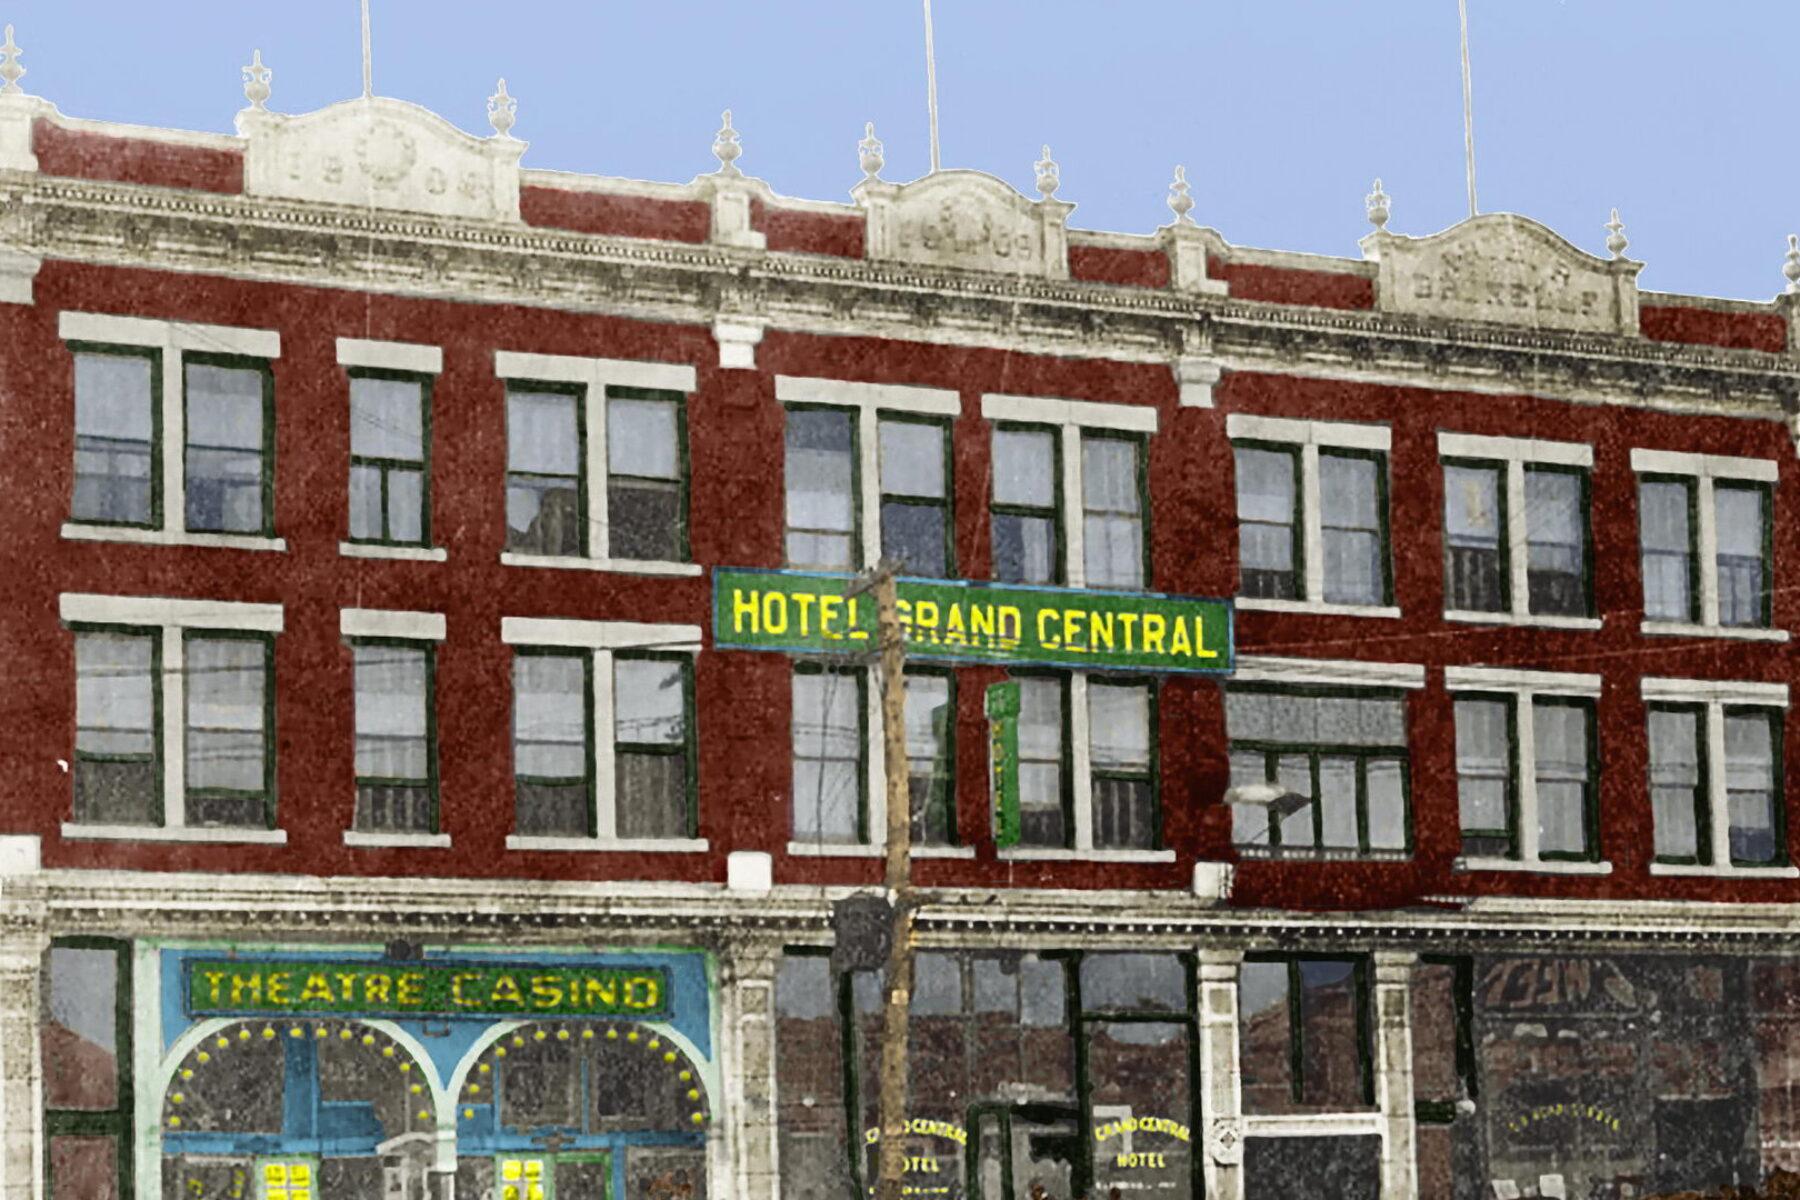 Hôtel Grand Central (Une colorisation)